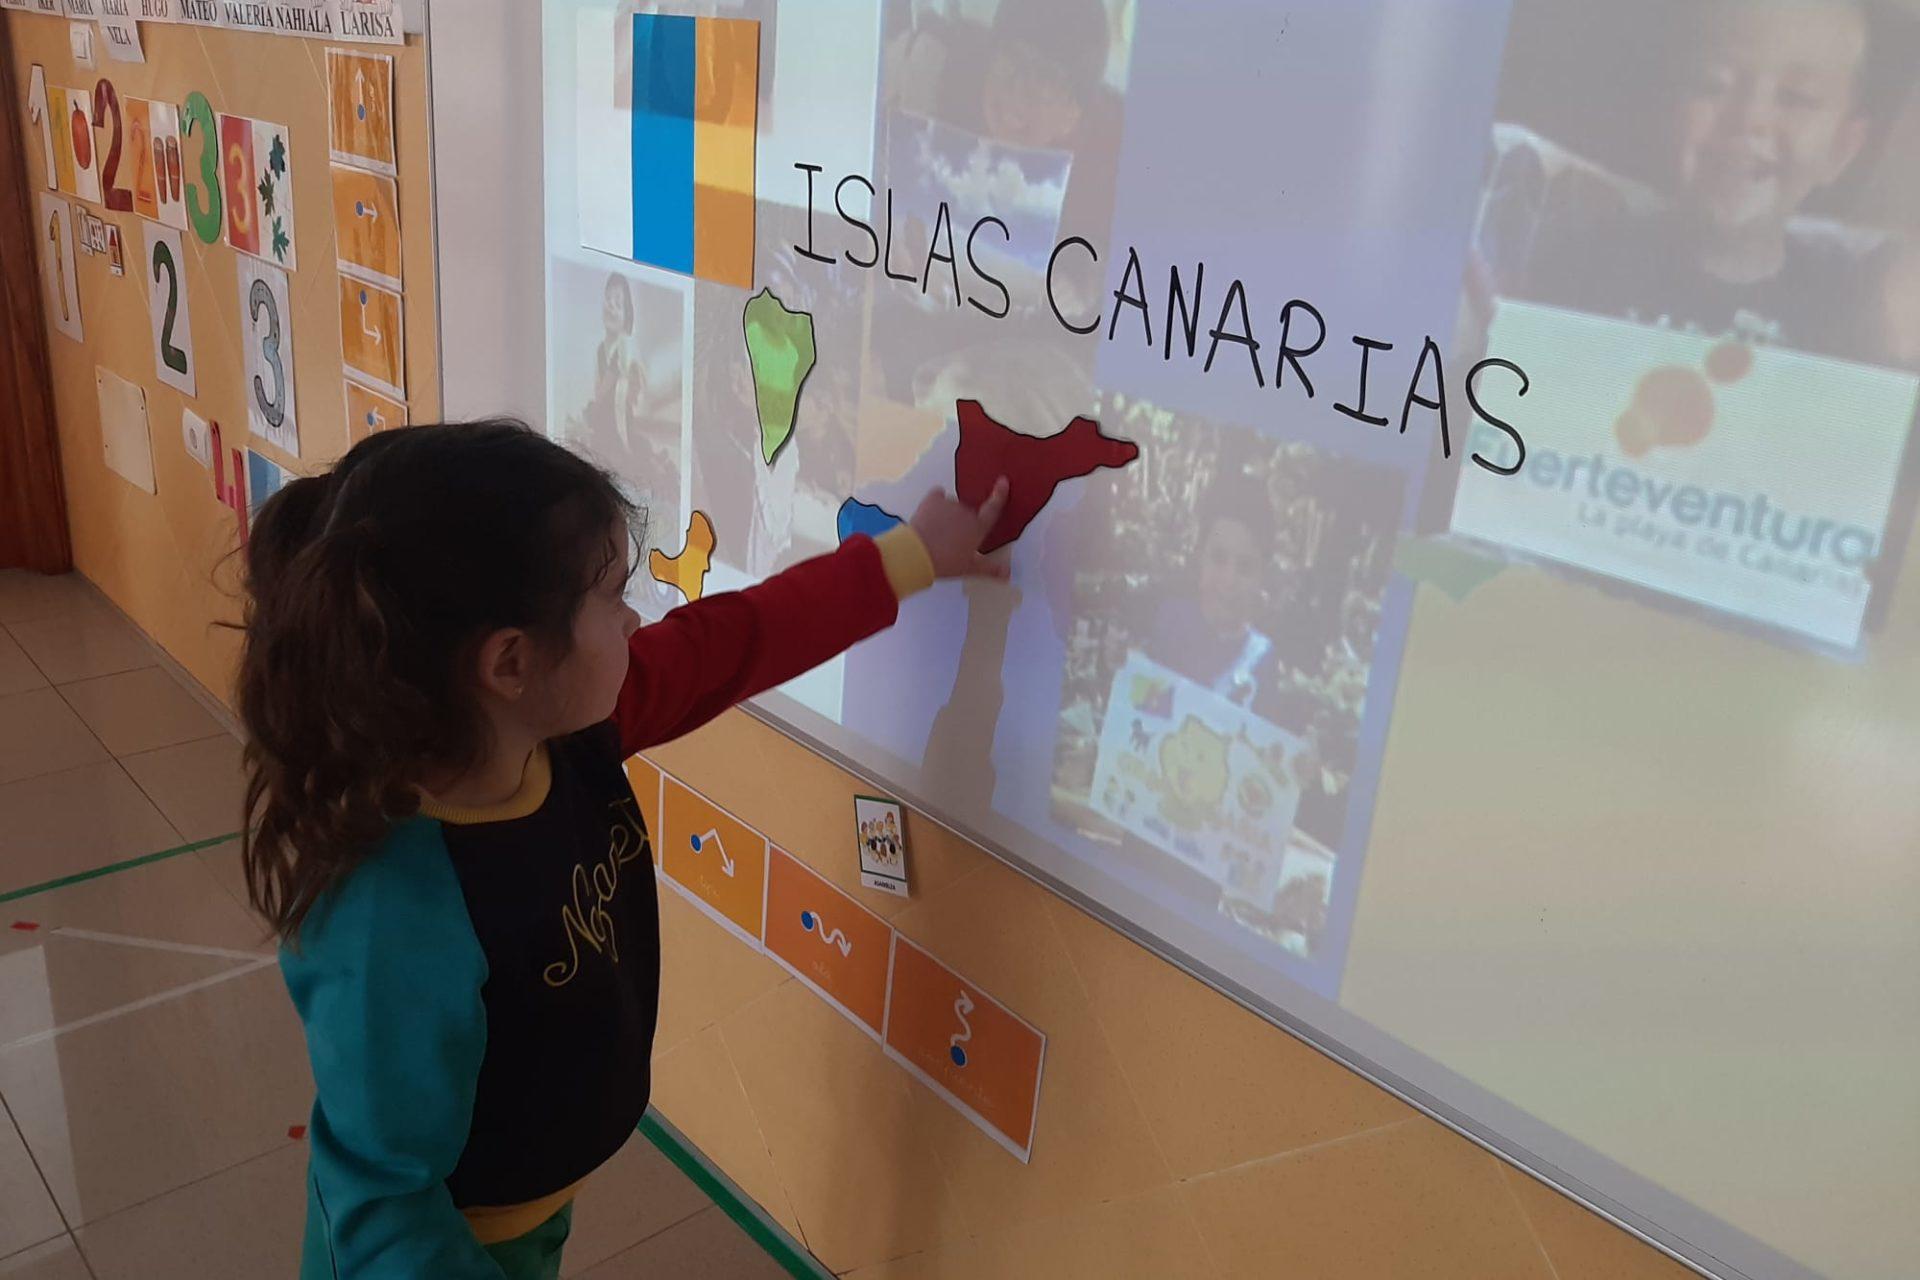 día_de_canarias_en_el_cole_5